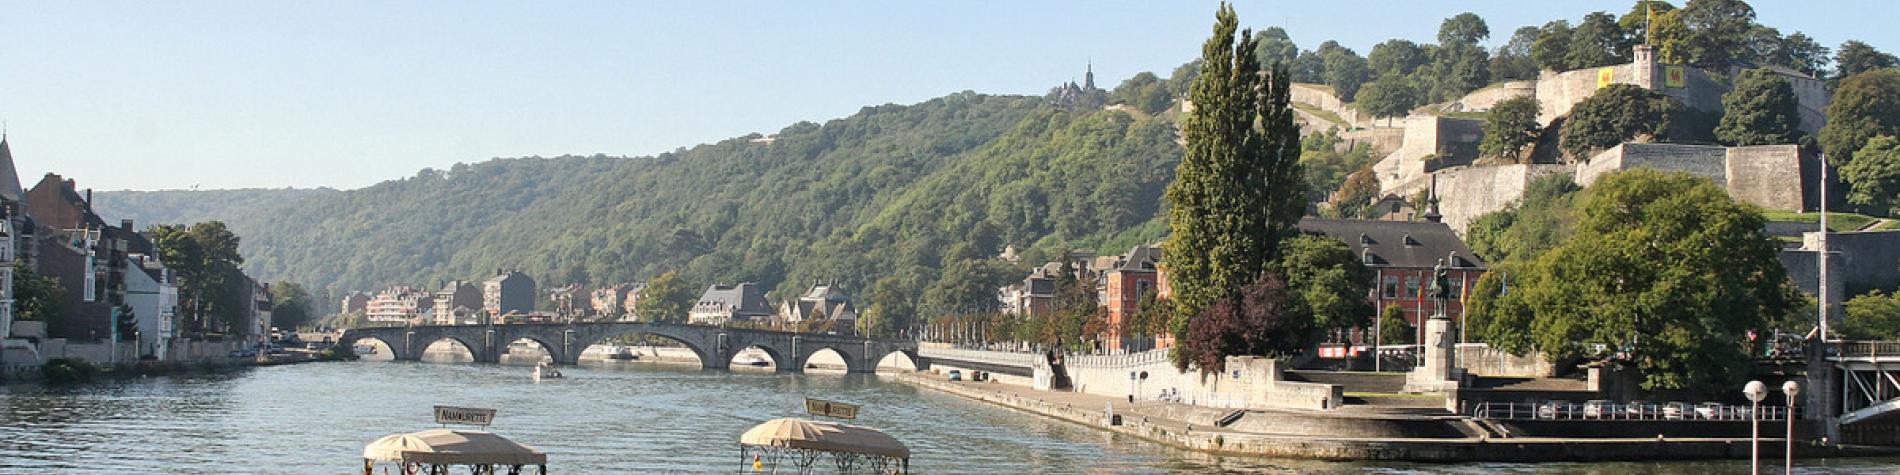 Jeux urbains Namur - Discover Belgium